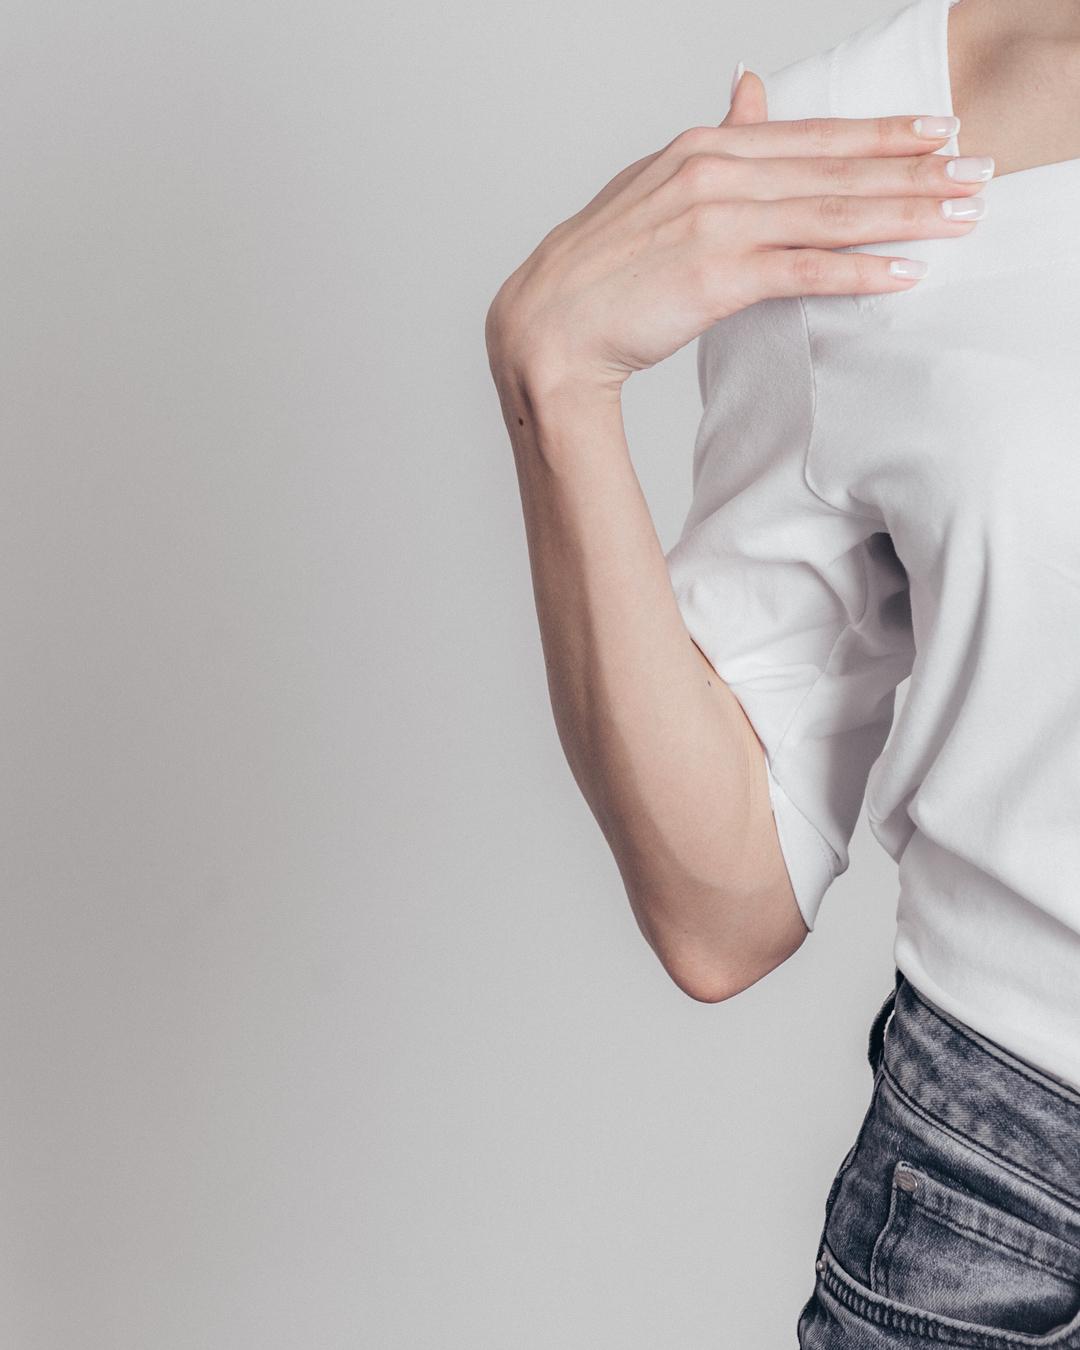 Дарья Руденок: Ребята, мало кто об этом знал, но мы совместно с @talc.moscow создали футболку  - Эта уникальная ограниченная коллекция состоит всего из 25-и футболок ТАЛЬК х РУДЕНОК- Дизайн разработан лично мной исходя из моих предпочтений и практических взглядо...